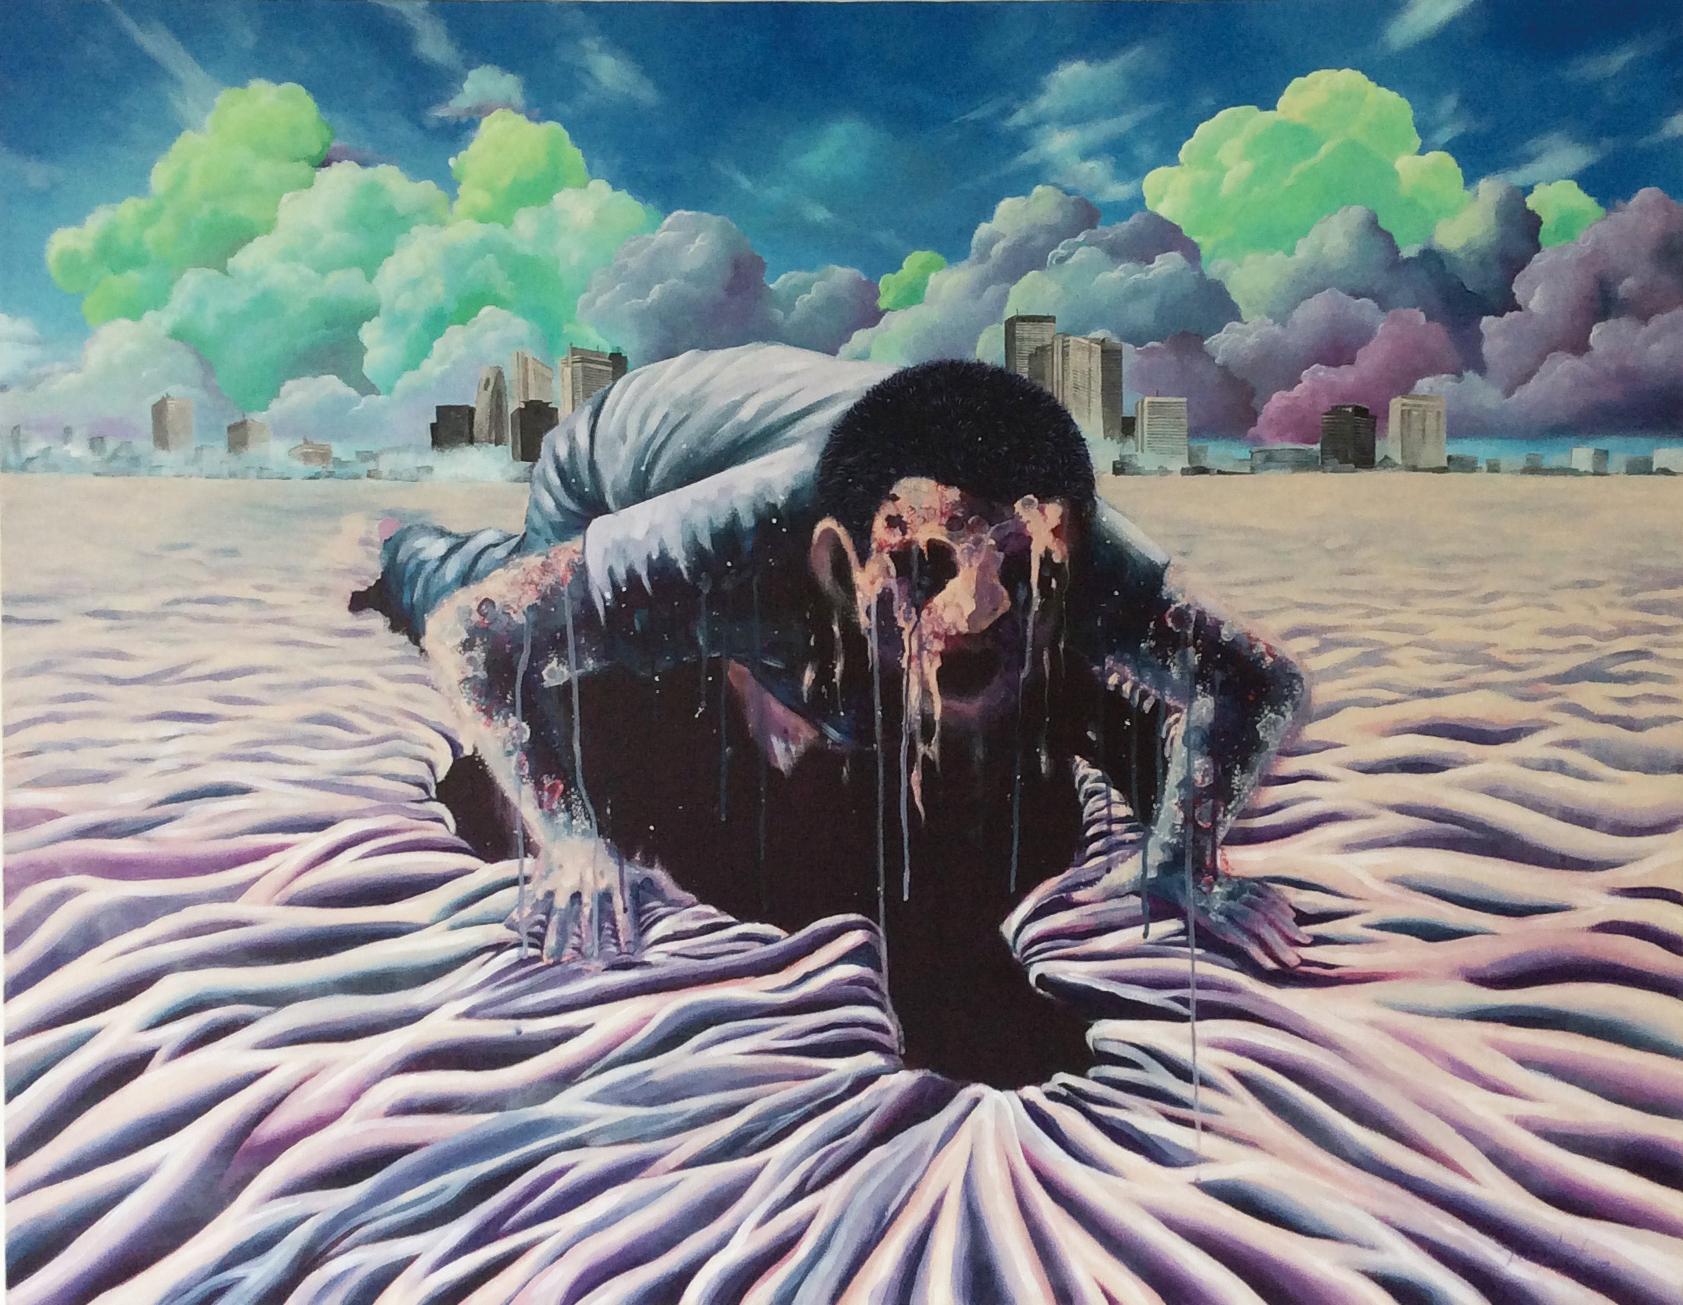 ファンシーな風刺画   野村 貴之 「Lambs To The Slaughter」【今週のおすすめ